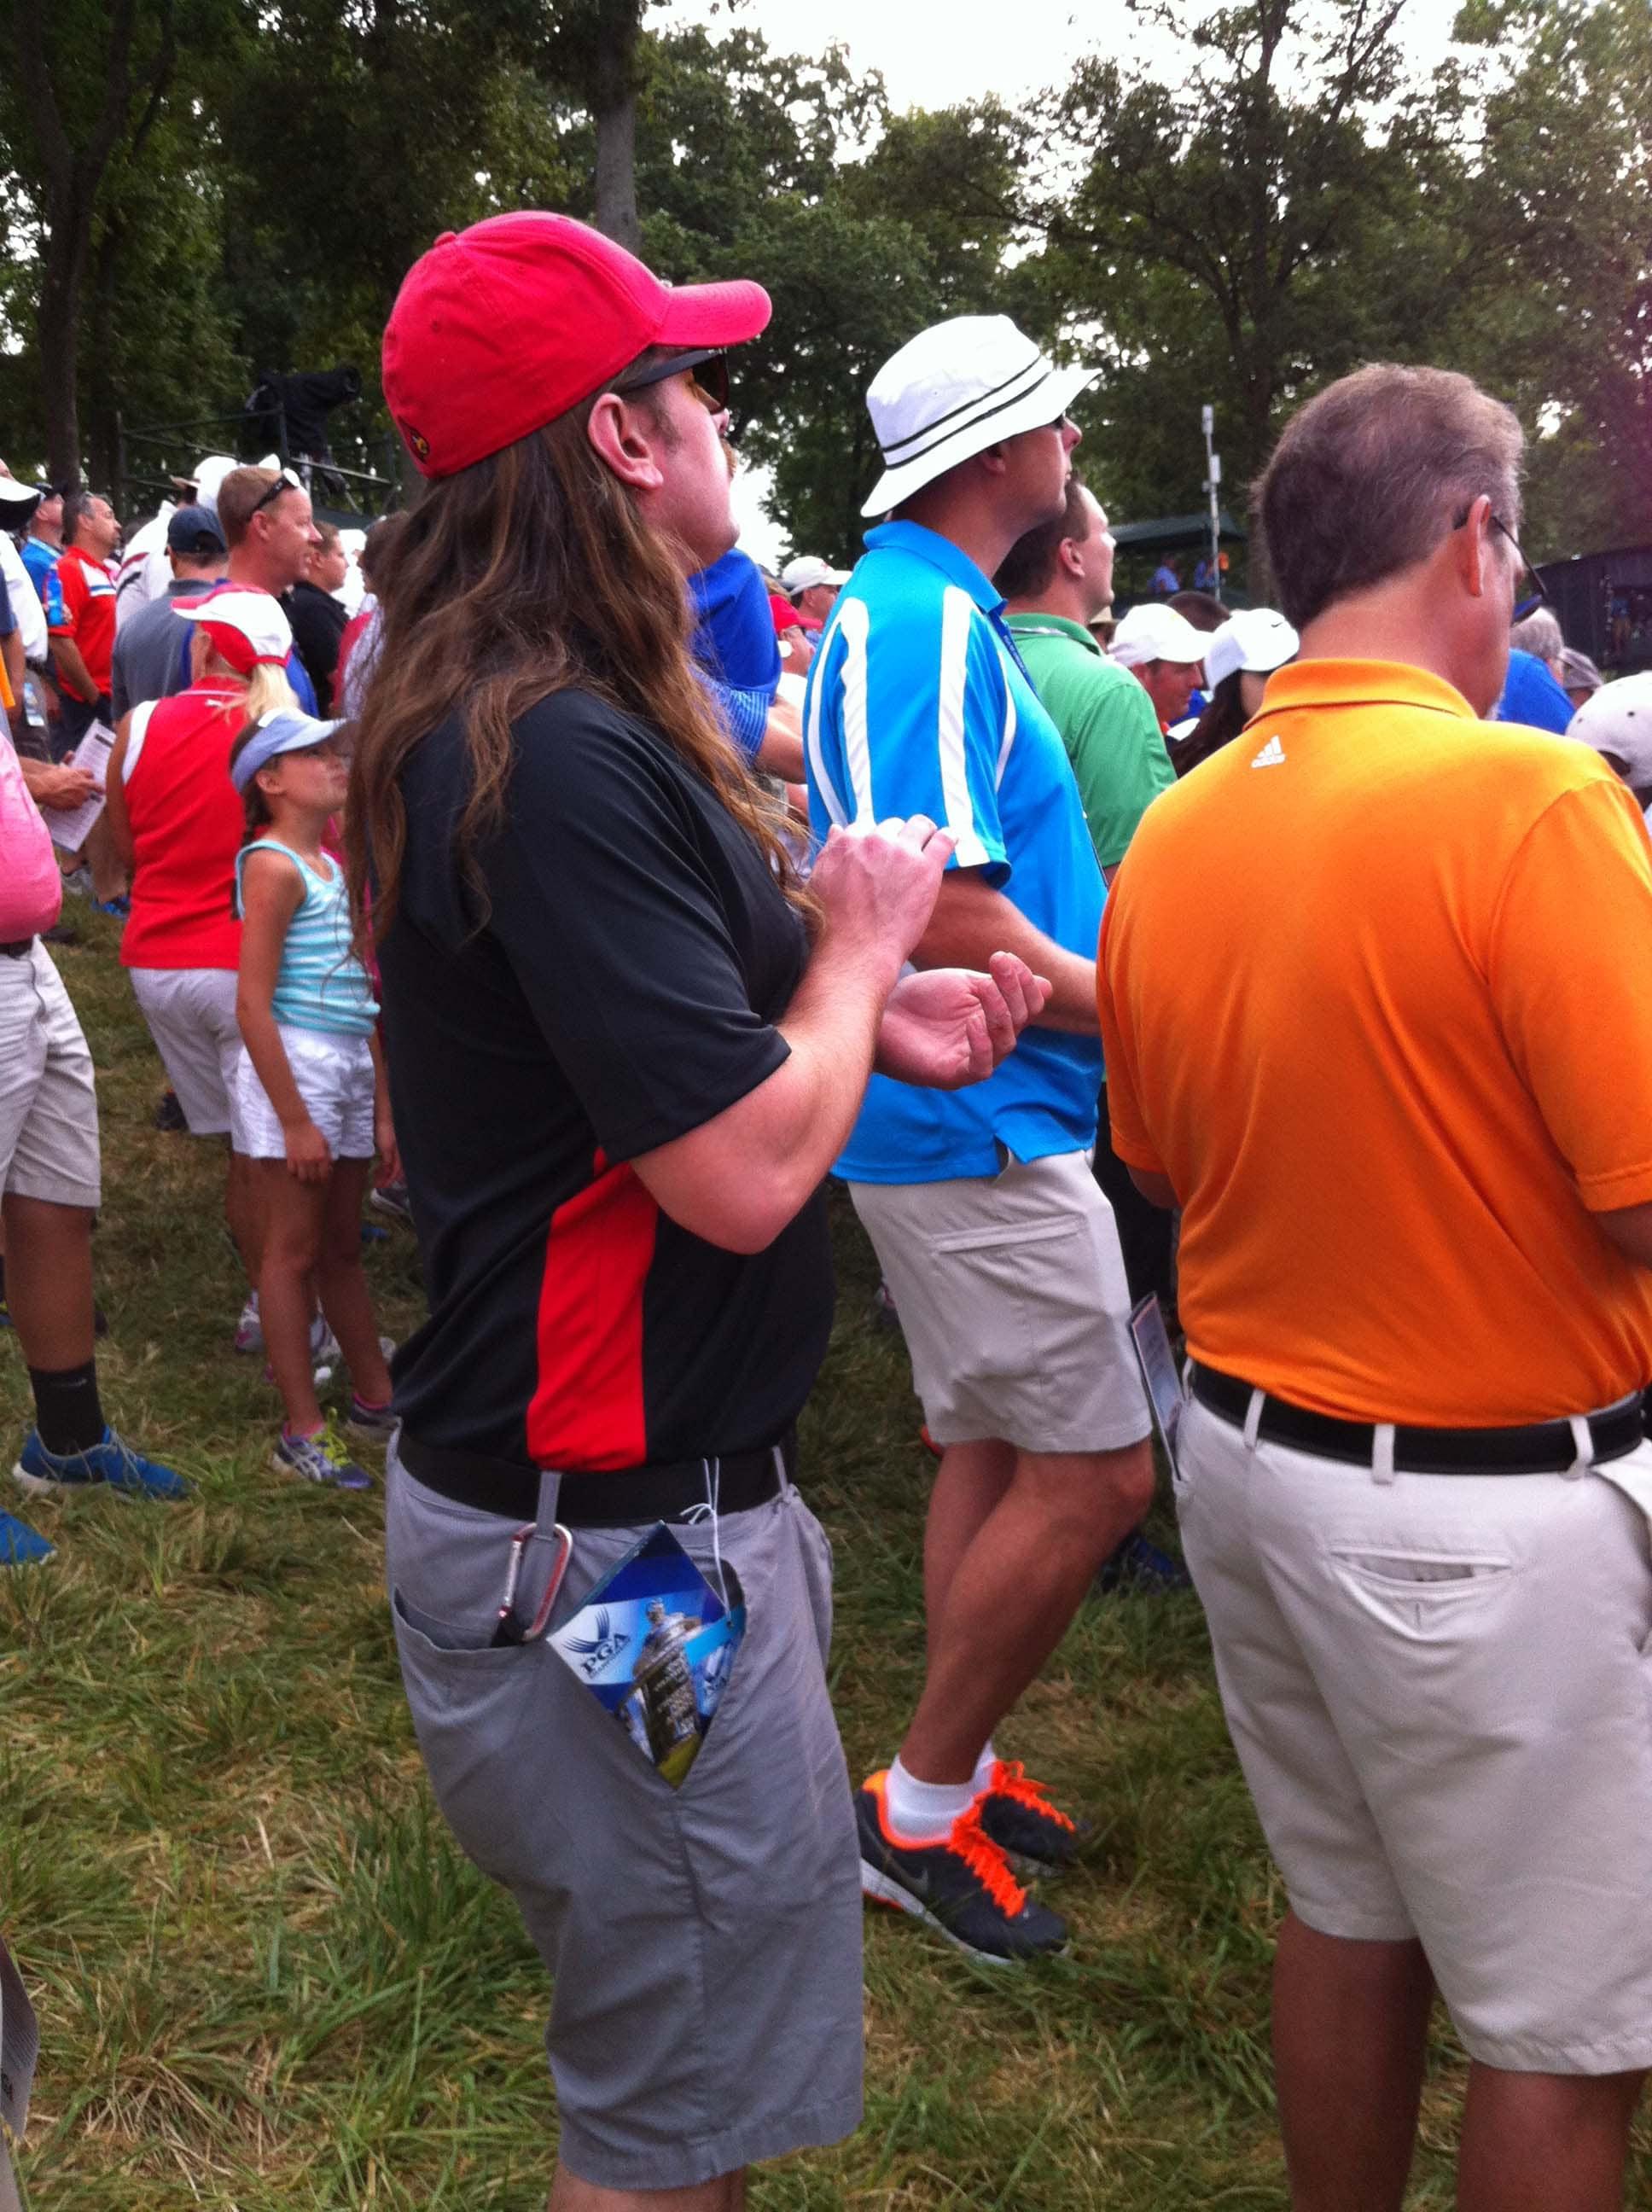 Joe Dirt, golf extraordinaire.